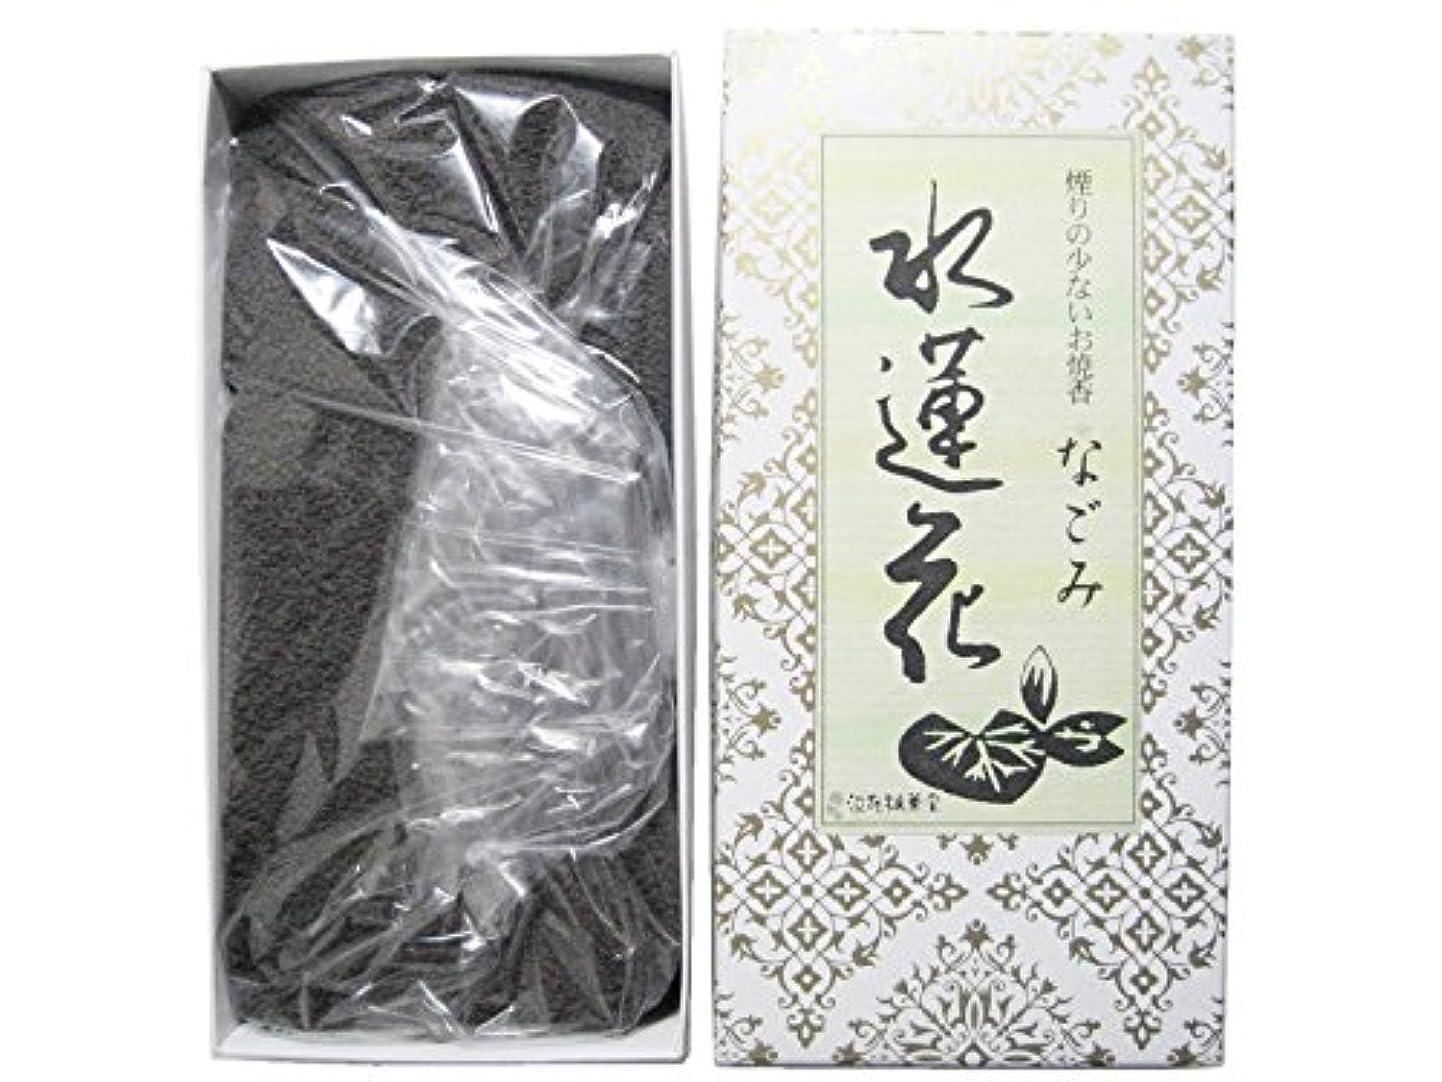 ヘビ時間厳守昨日淡路梅薫堂のお香 煙の少ないお焼香 なごみ 水蓮花 500g×5箱 #931